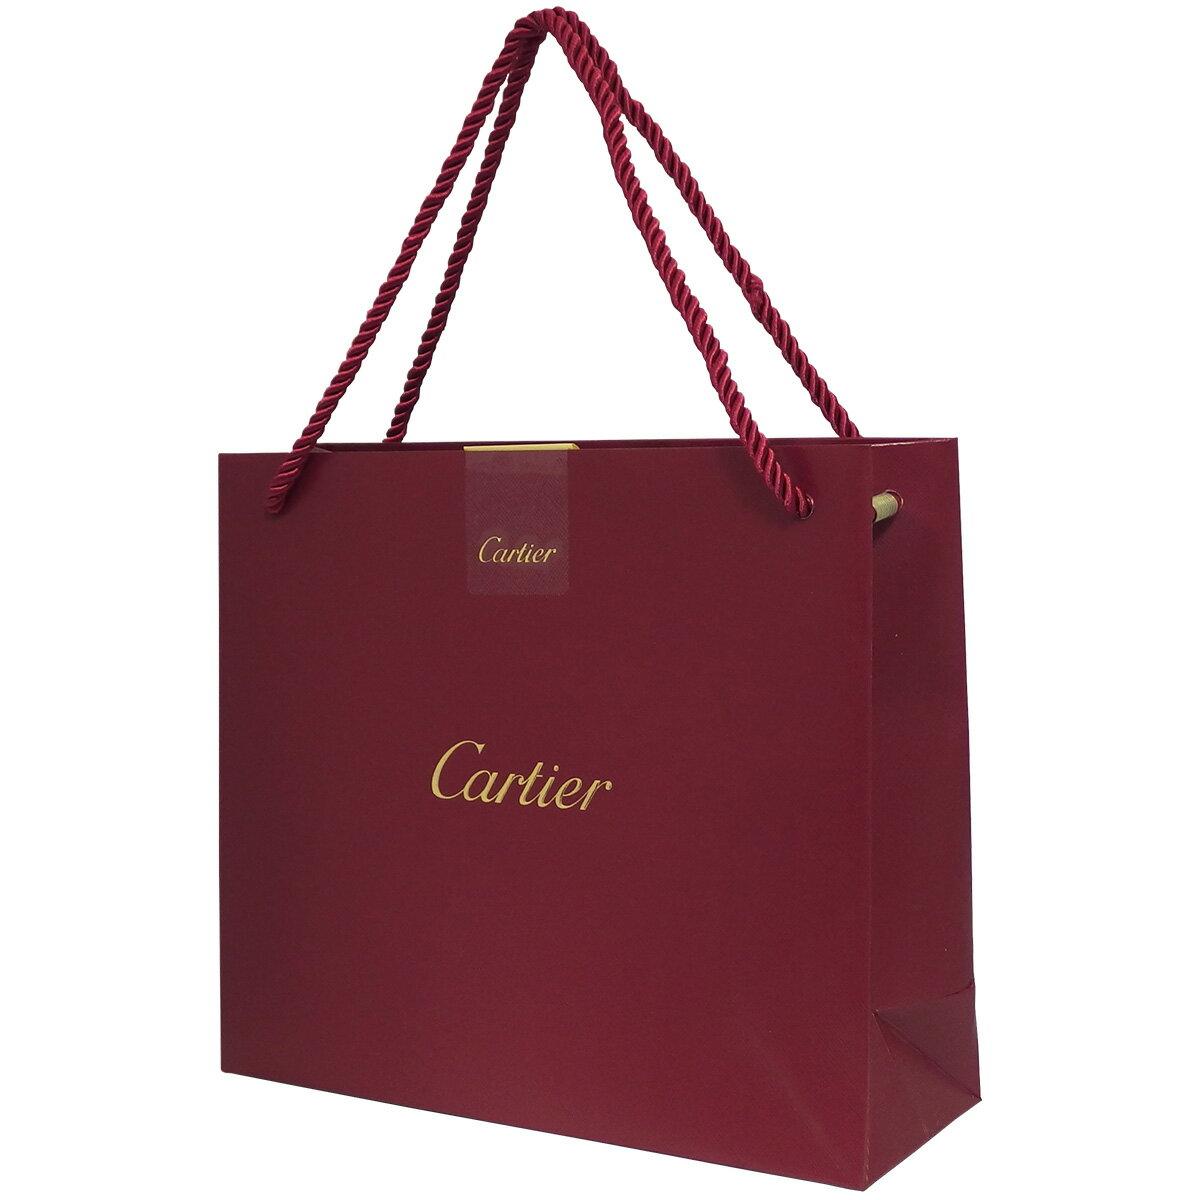 袋, 紙袋・手提げ袋  Cartier 1 A 10 20 30 40 50 60